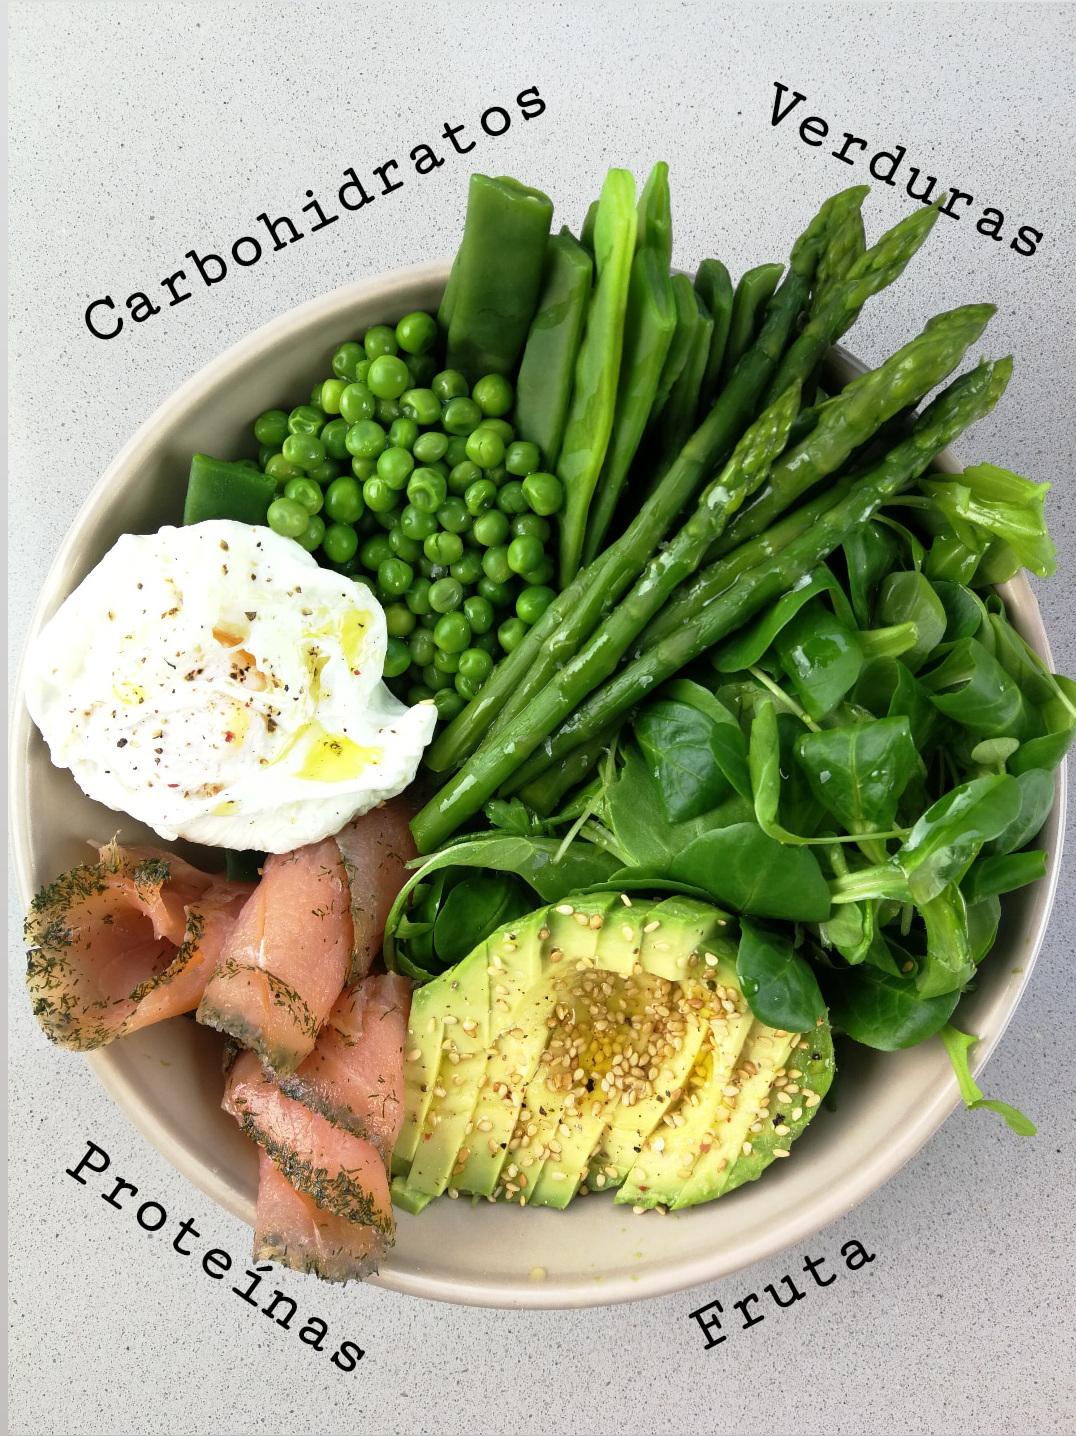 plato sano harvard de vegetales, salmón y huevo escalfado